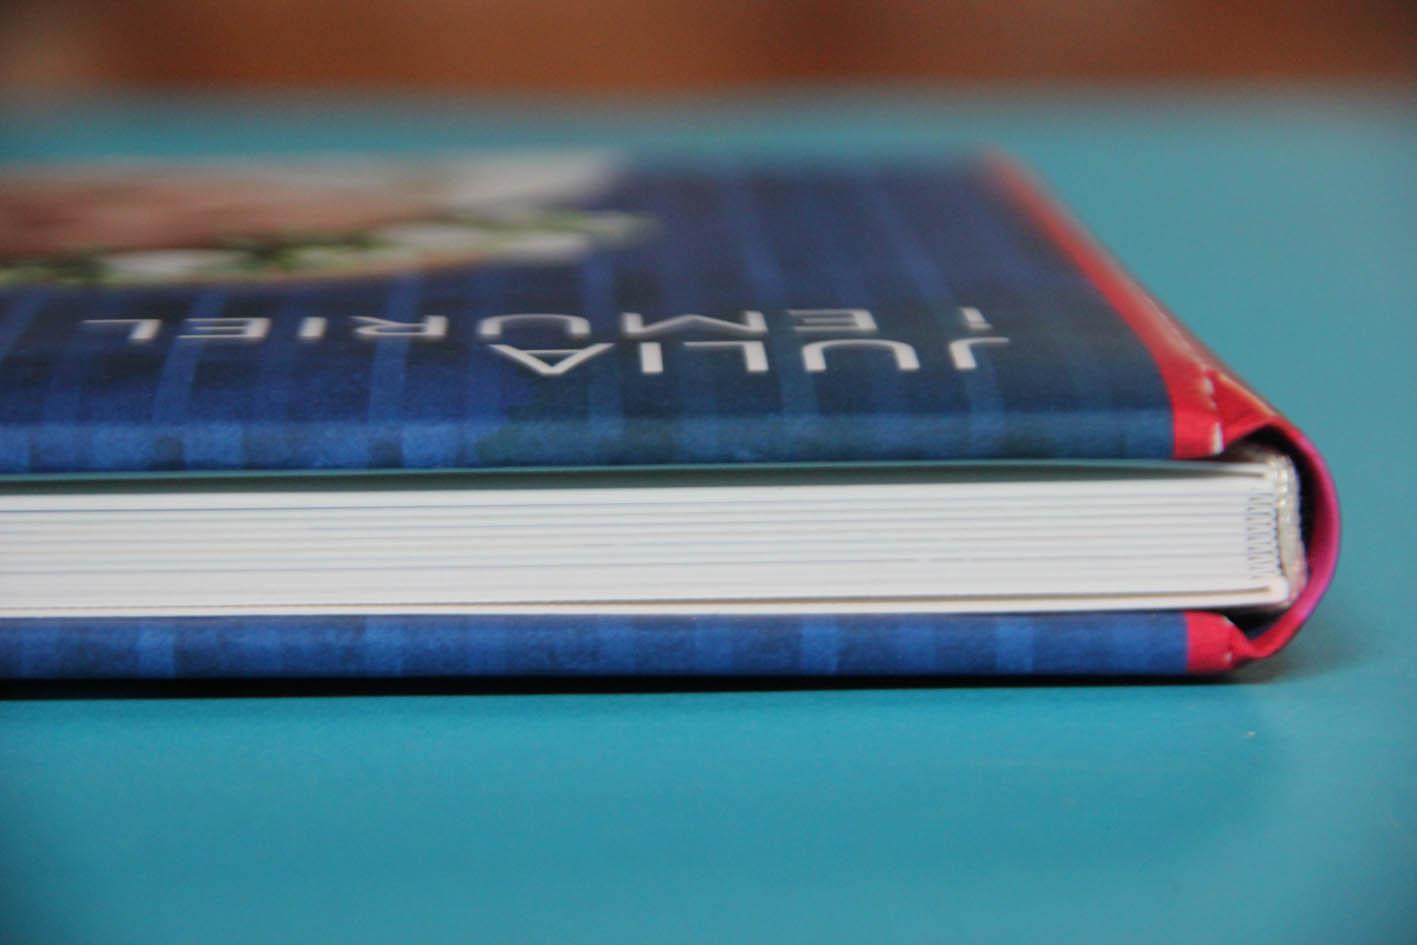 okładka personalizowanej książki wydrukowanej na tekturze